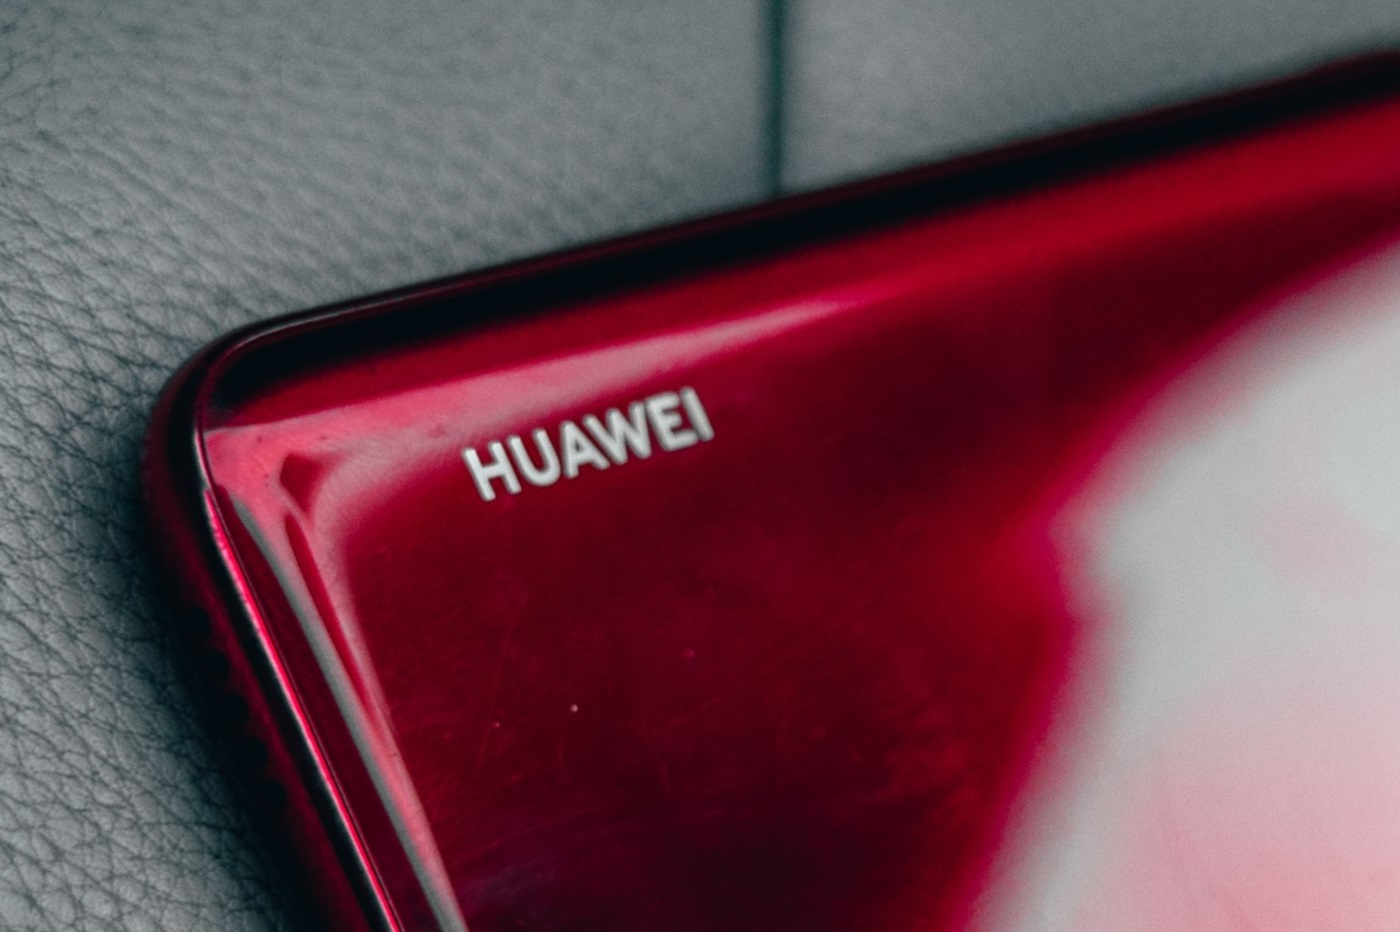 Huawei développerait aussi un smartphone avec une caméra cachée sous l'écran